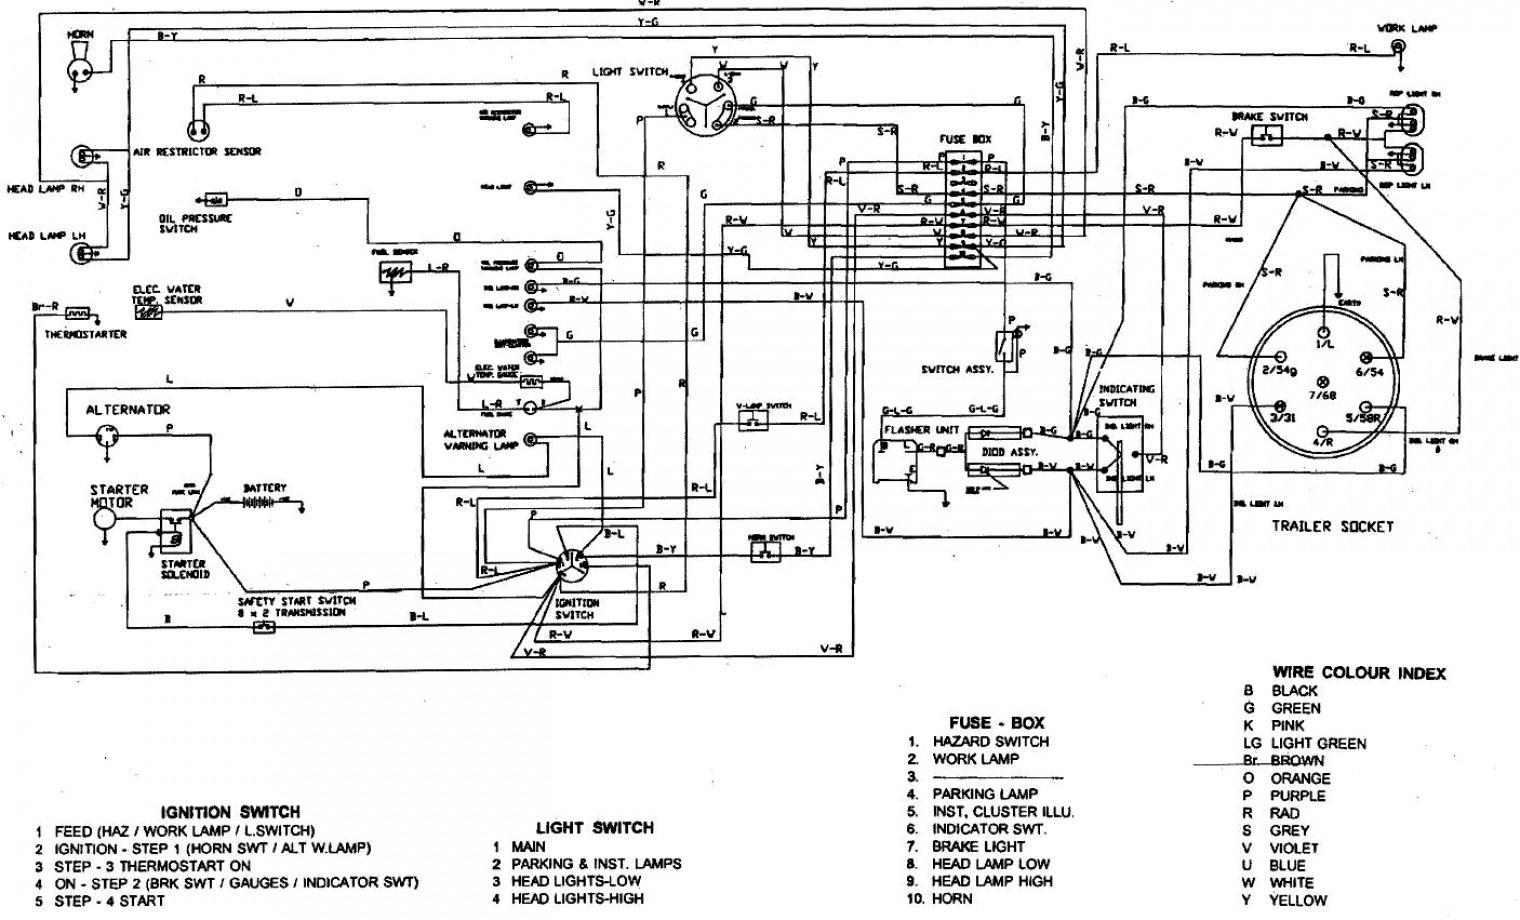 Lawn Diagram Wiring Mower Hw2245Frigidare - All Wiring Diagram Data - Riding Lawn Mower Ignition Switch Wiring Diagram